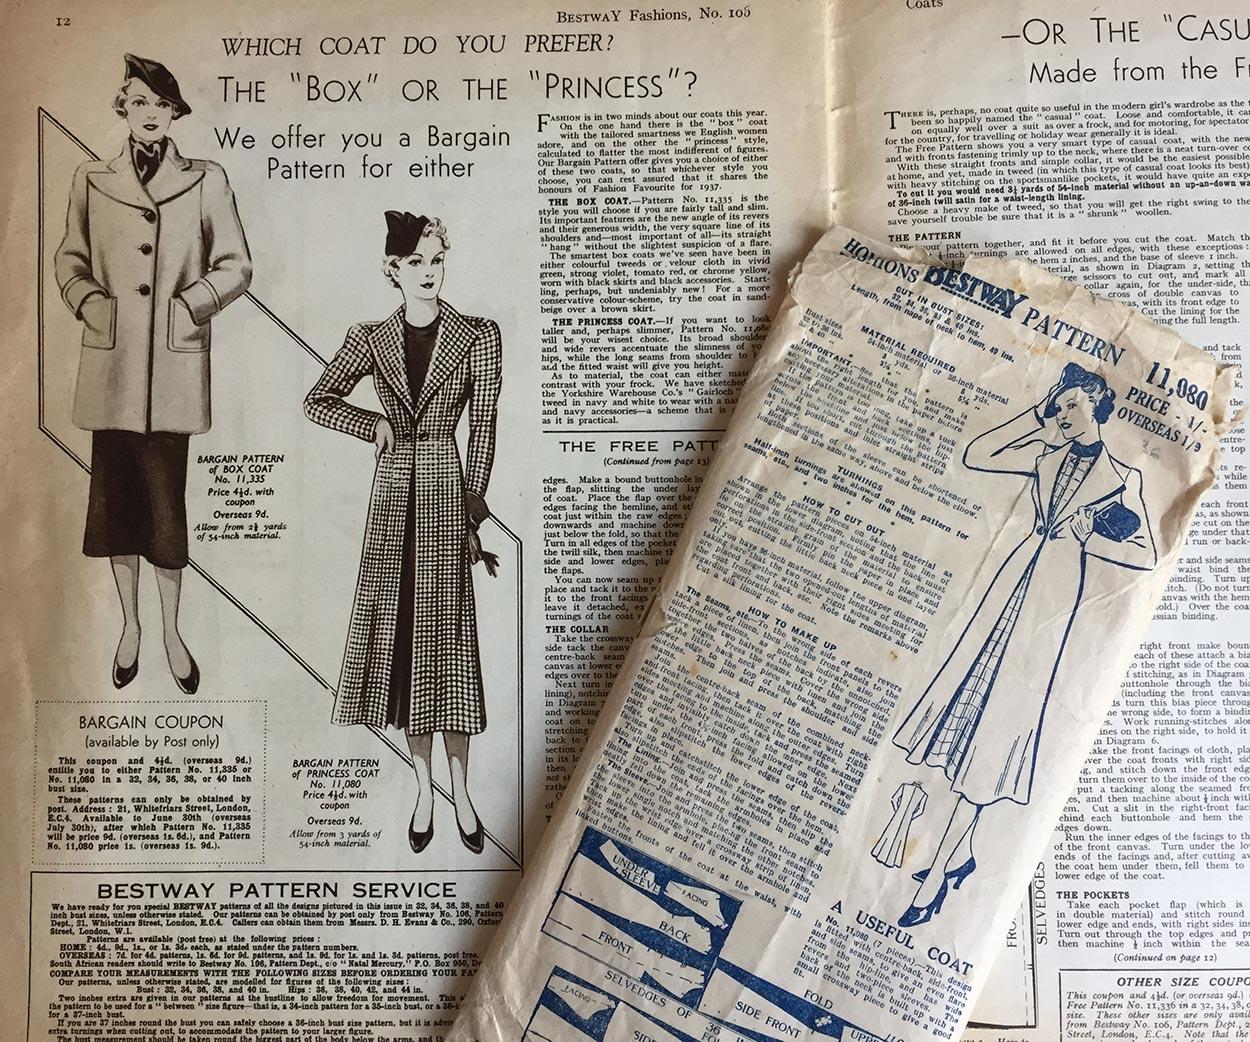 Bestway Fashions No. 106, March 1937